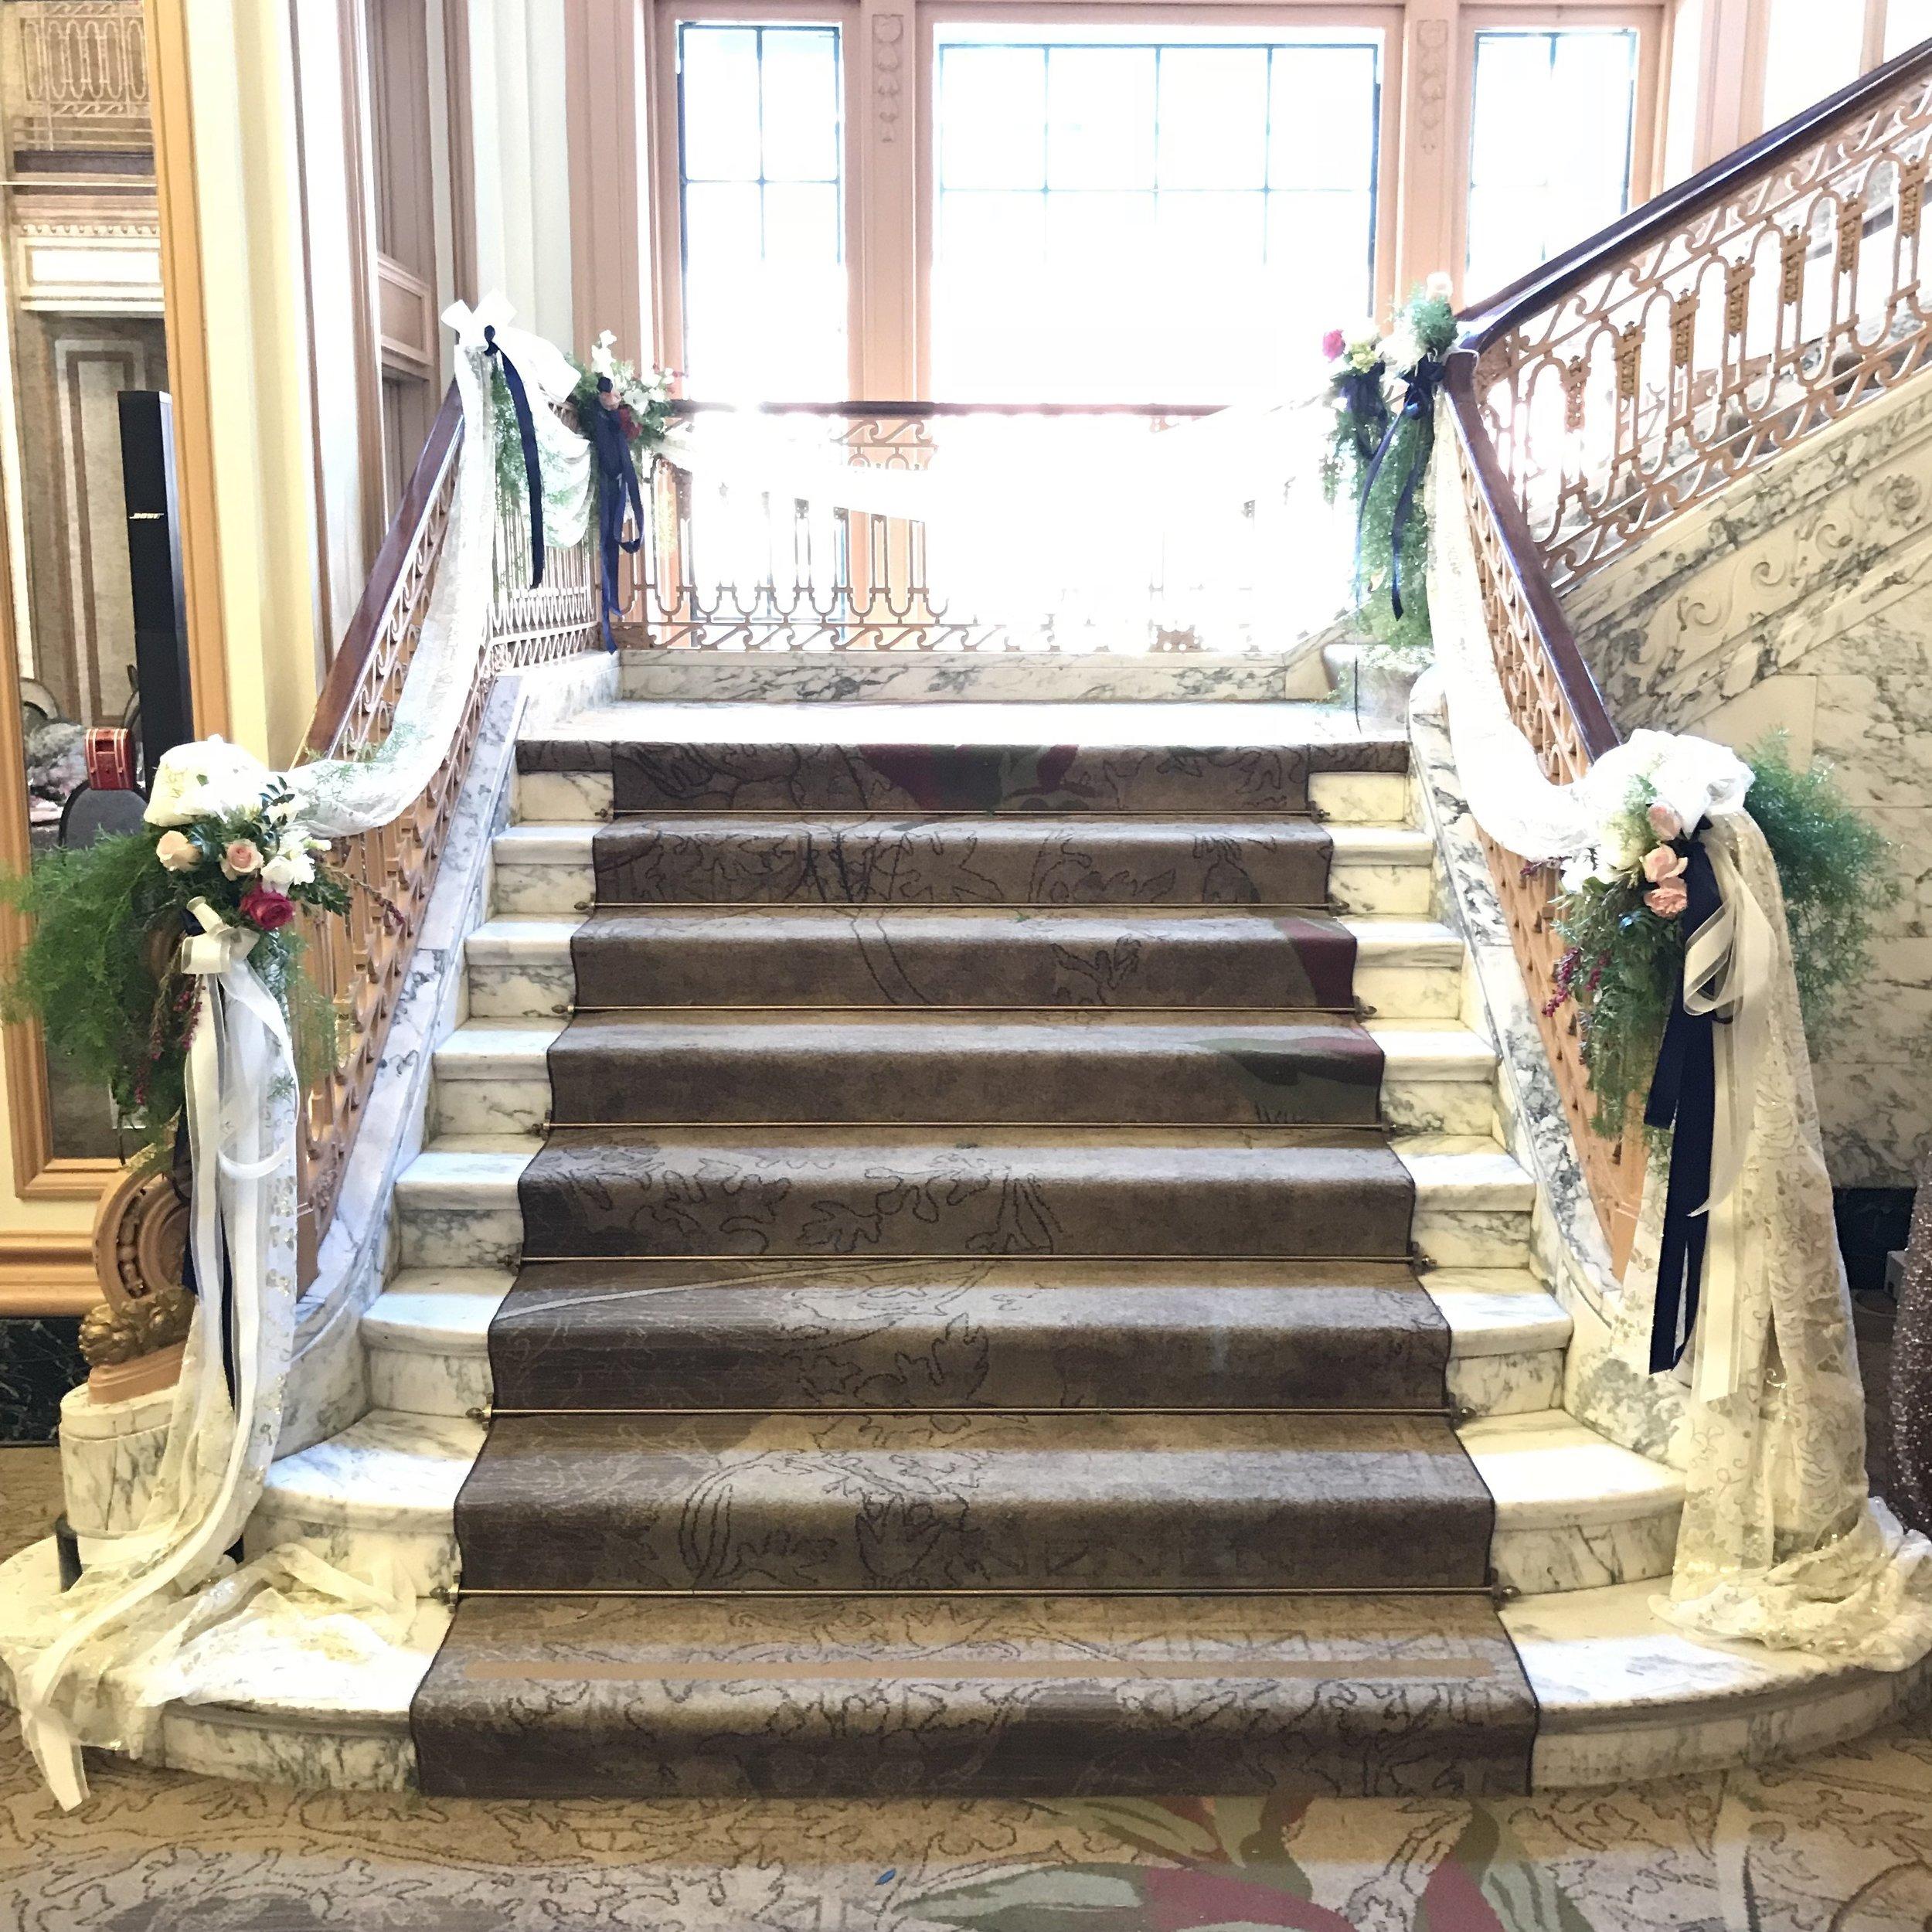 Stairway by DJ Jim Cerone